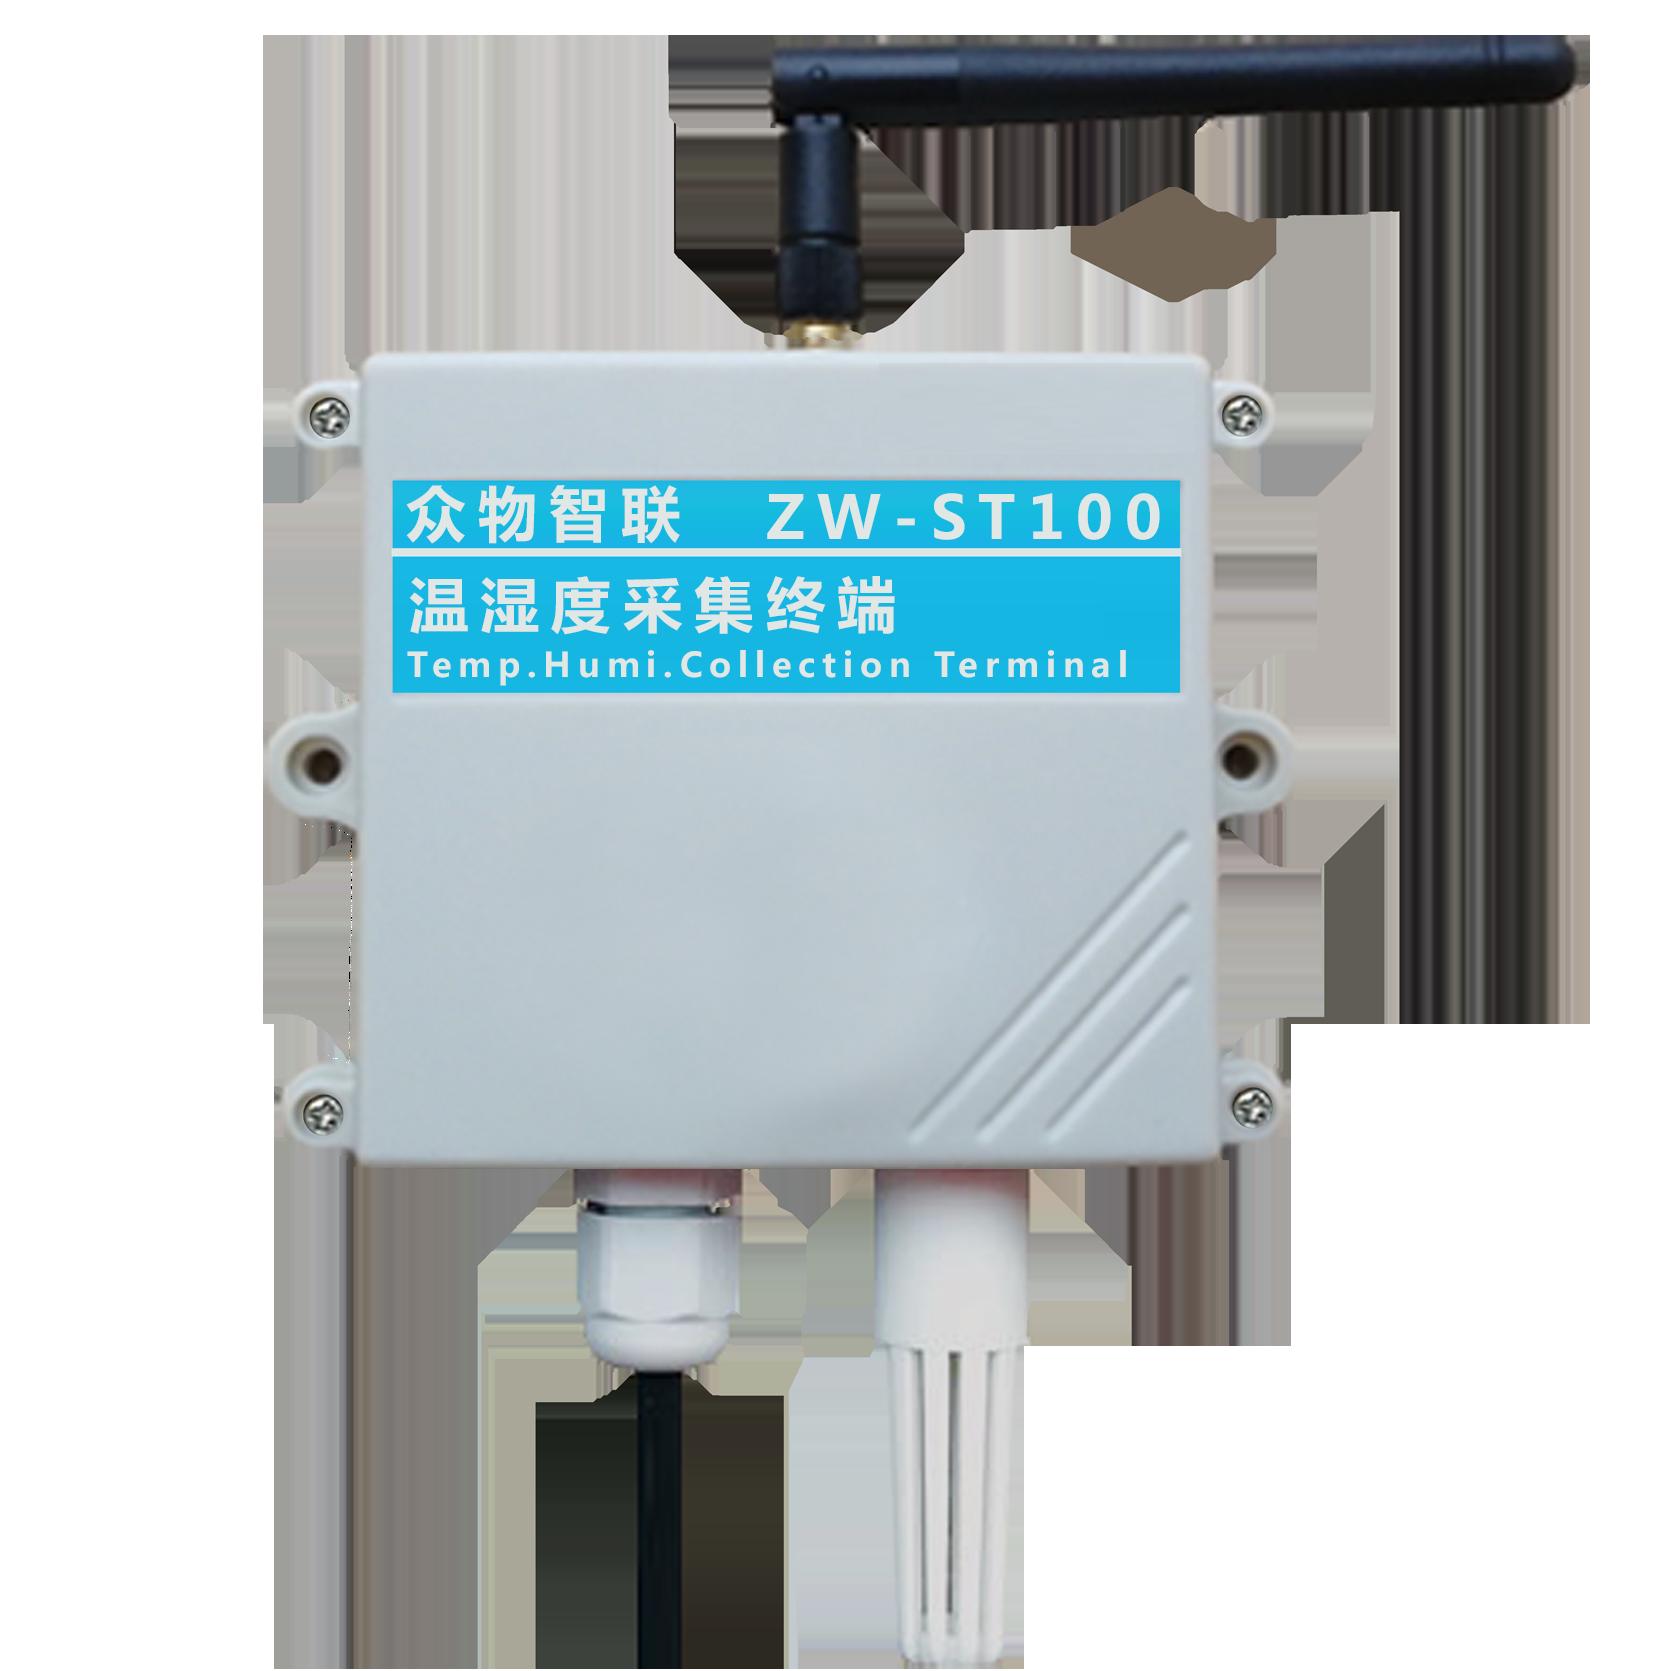 众物智联 温湿度采集终端 LoRa无线传输设备